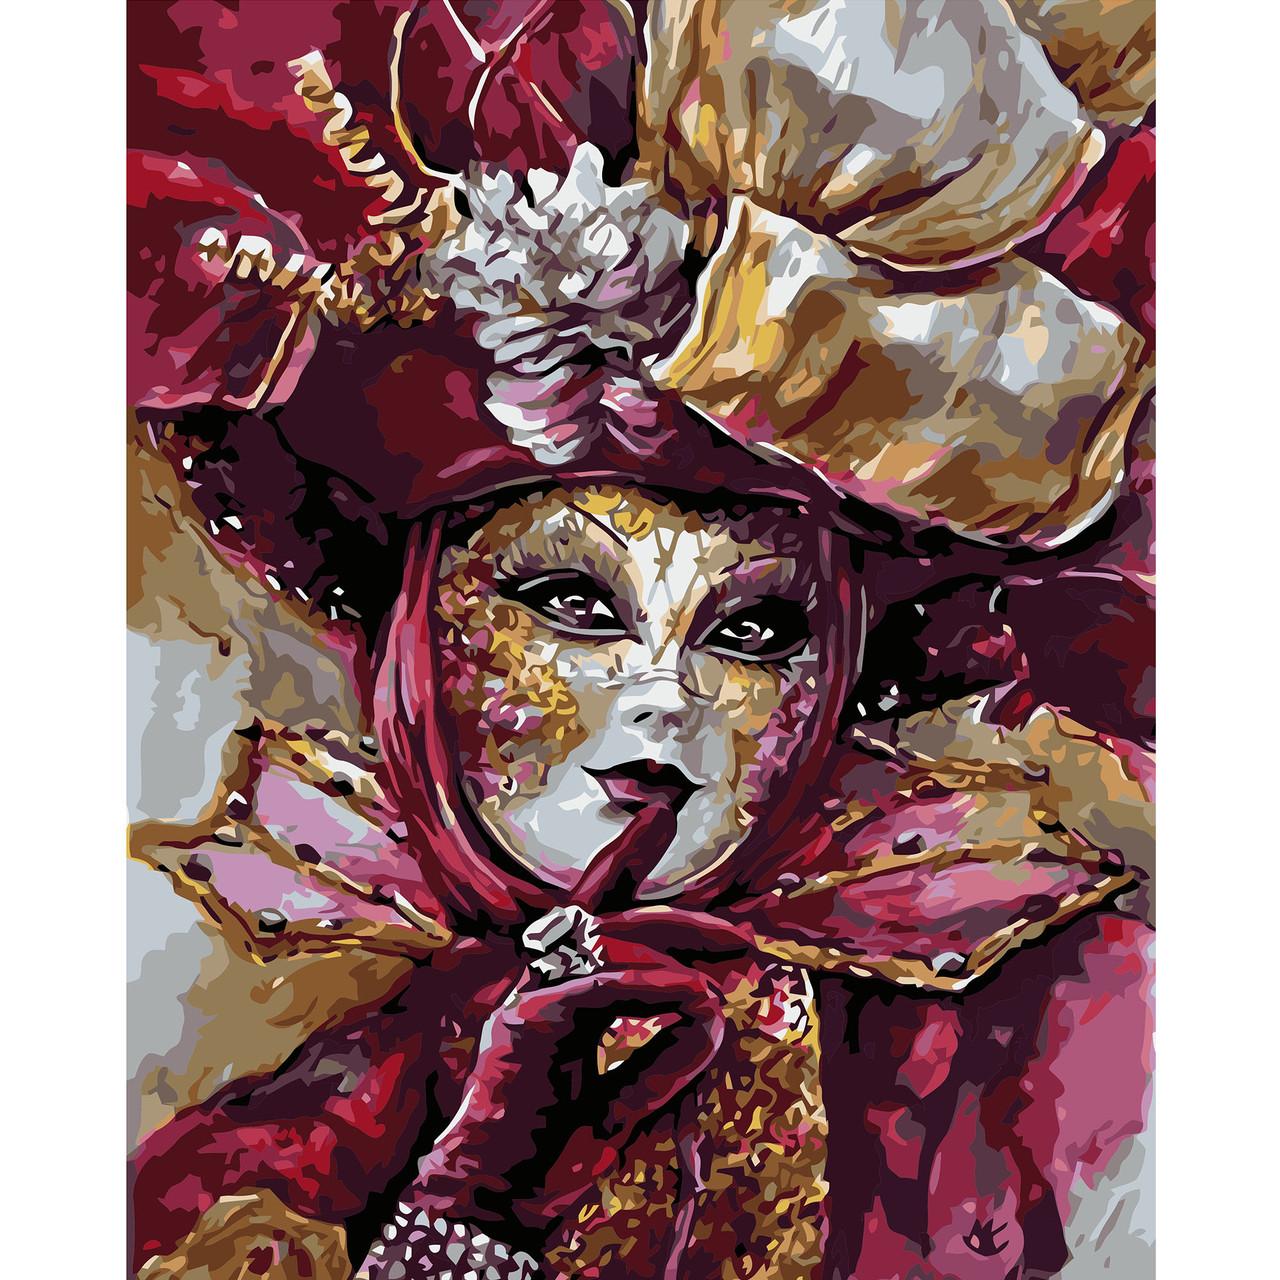 Картина по номерам Тайный карнавал 40 х 50 см Strateg VA 0749